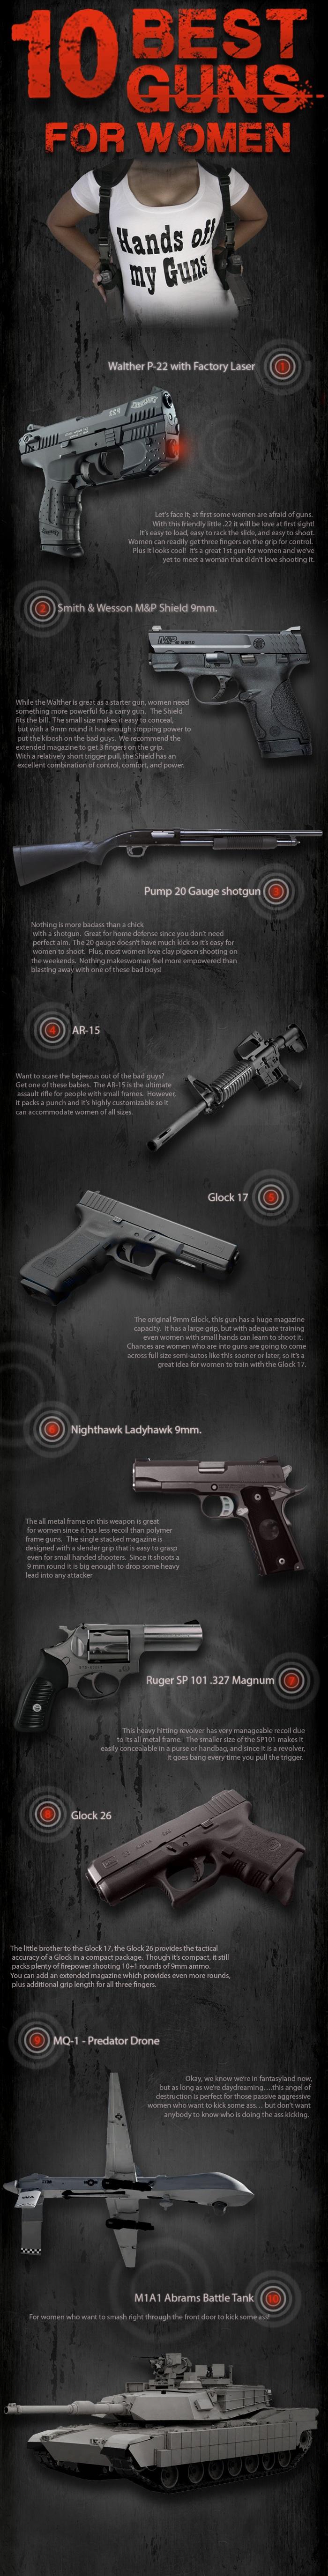 The 10 Best Guns For Women-abofxan1.jpg